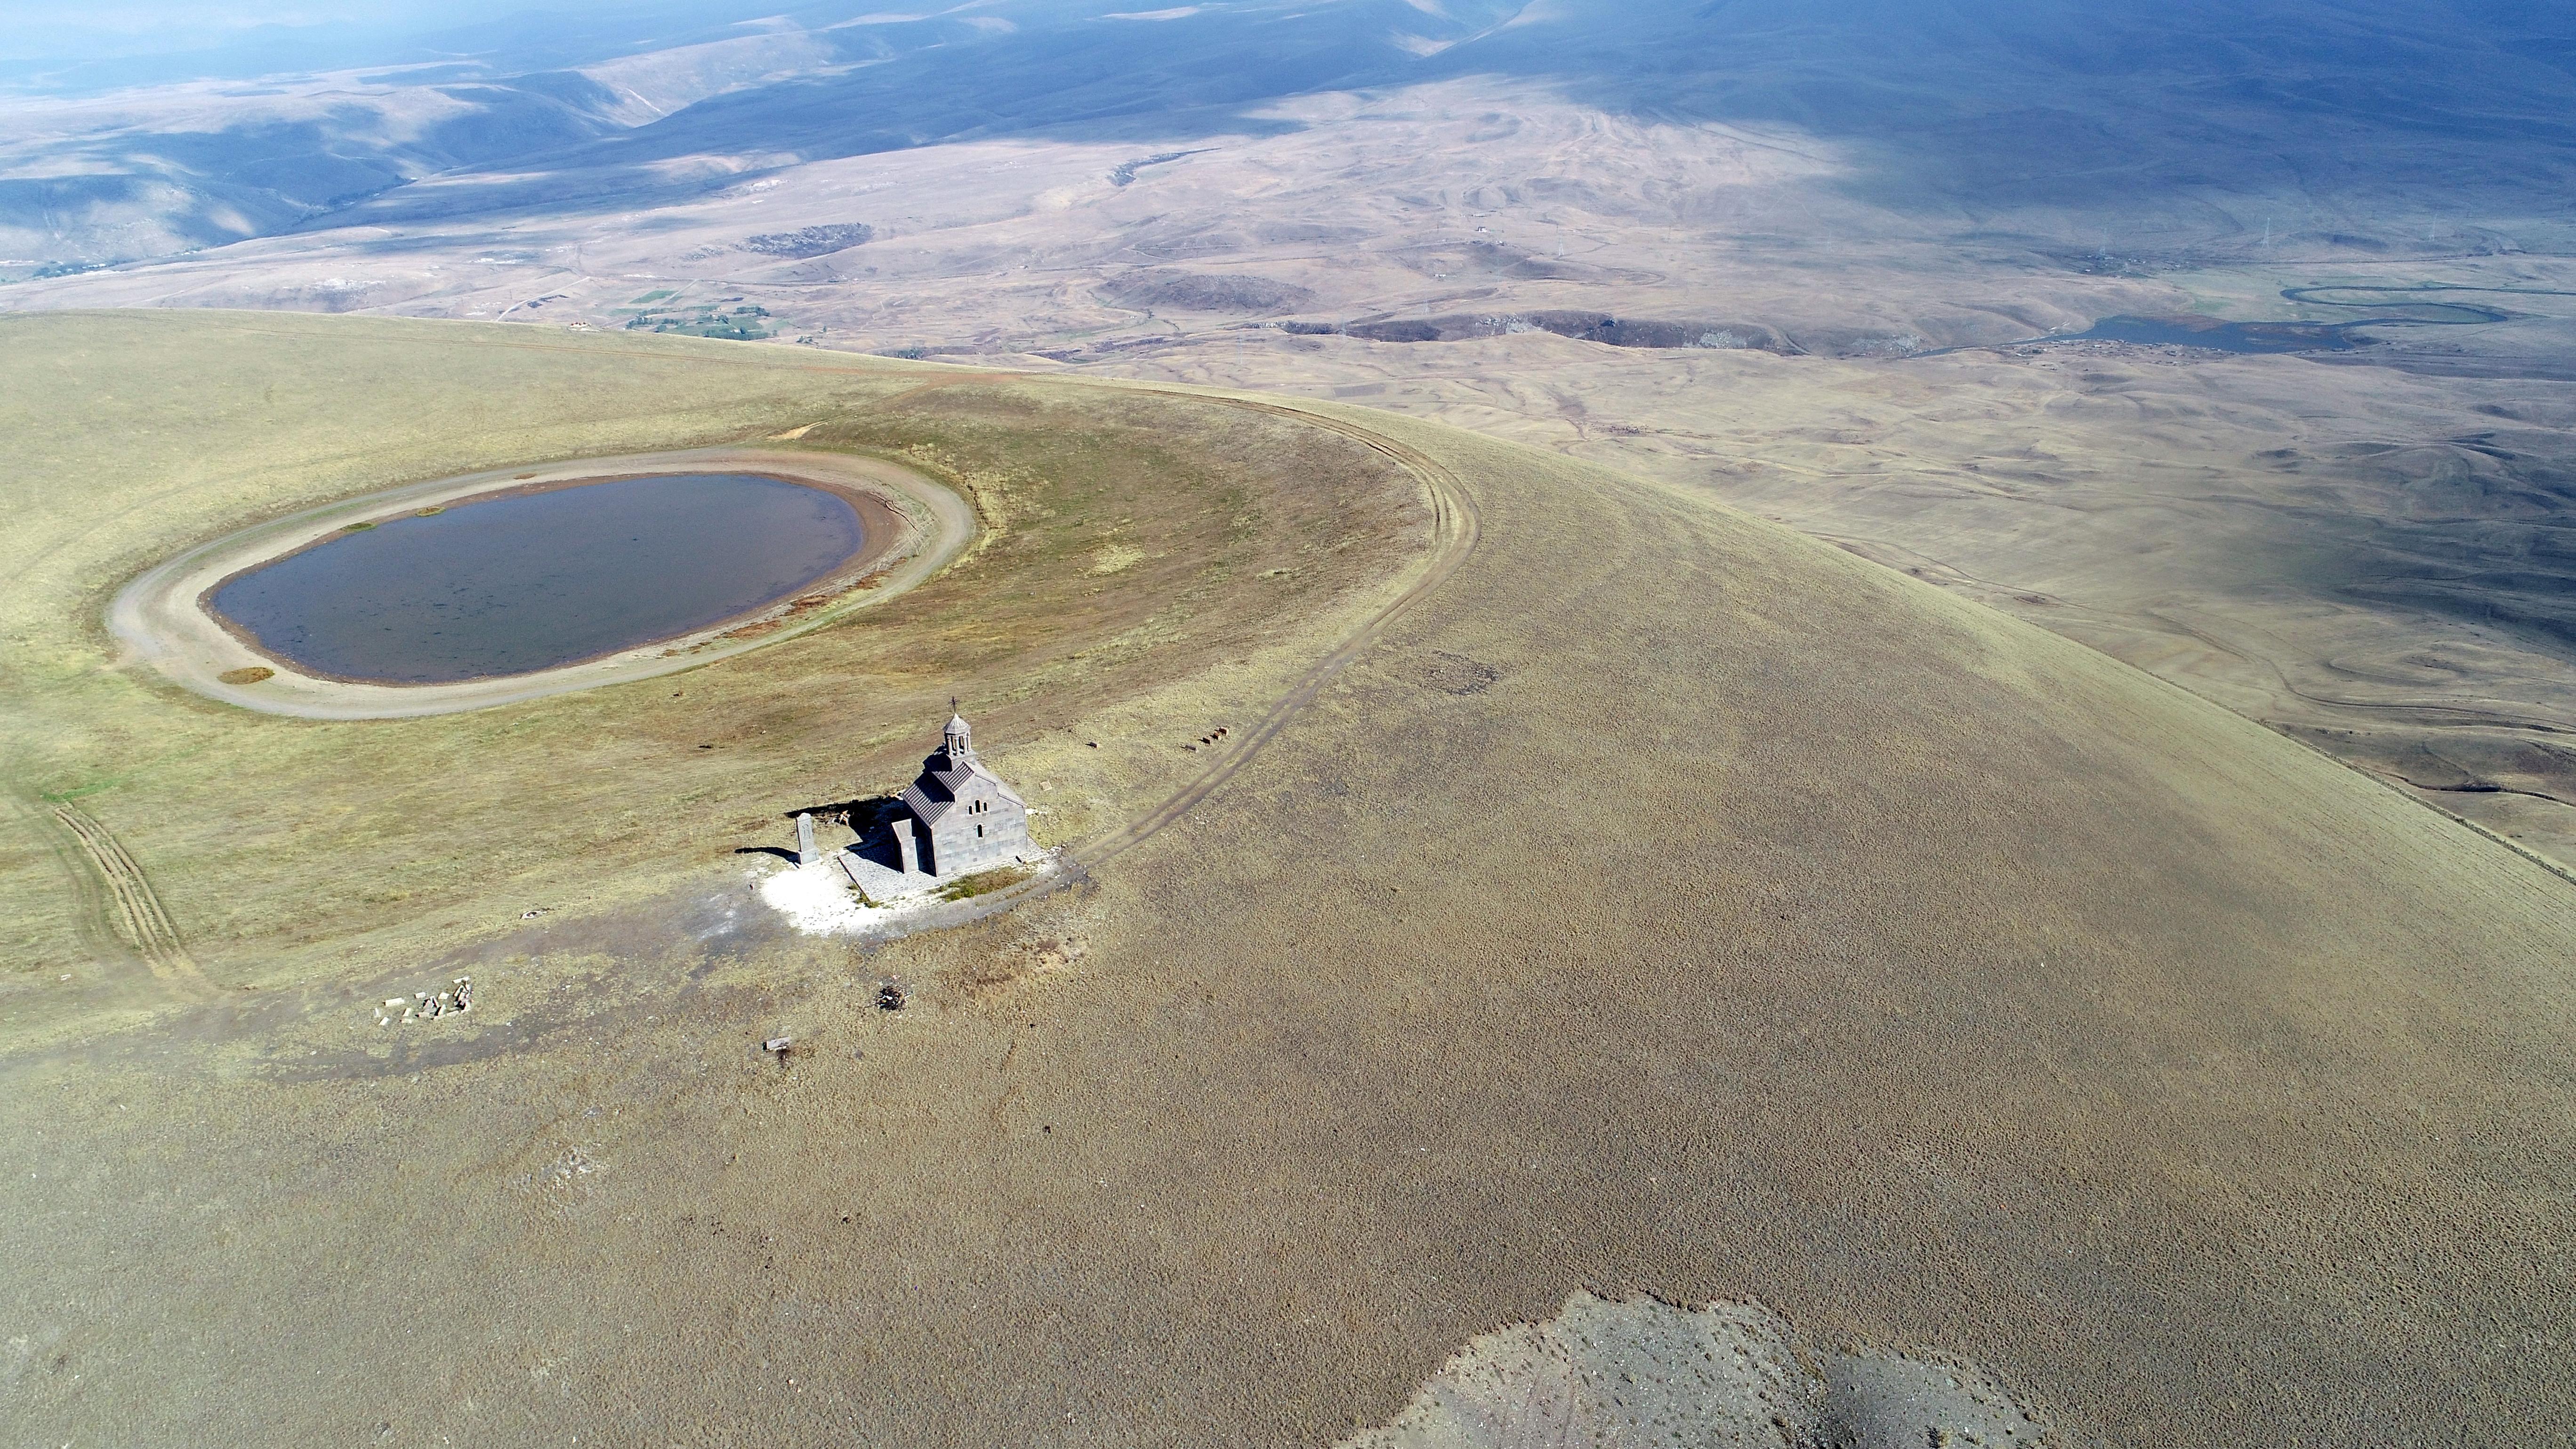 Вулкан Армаган, Армения